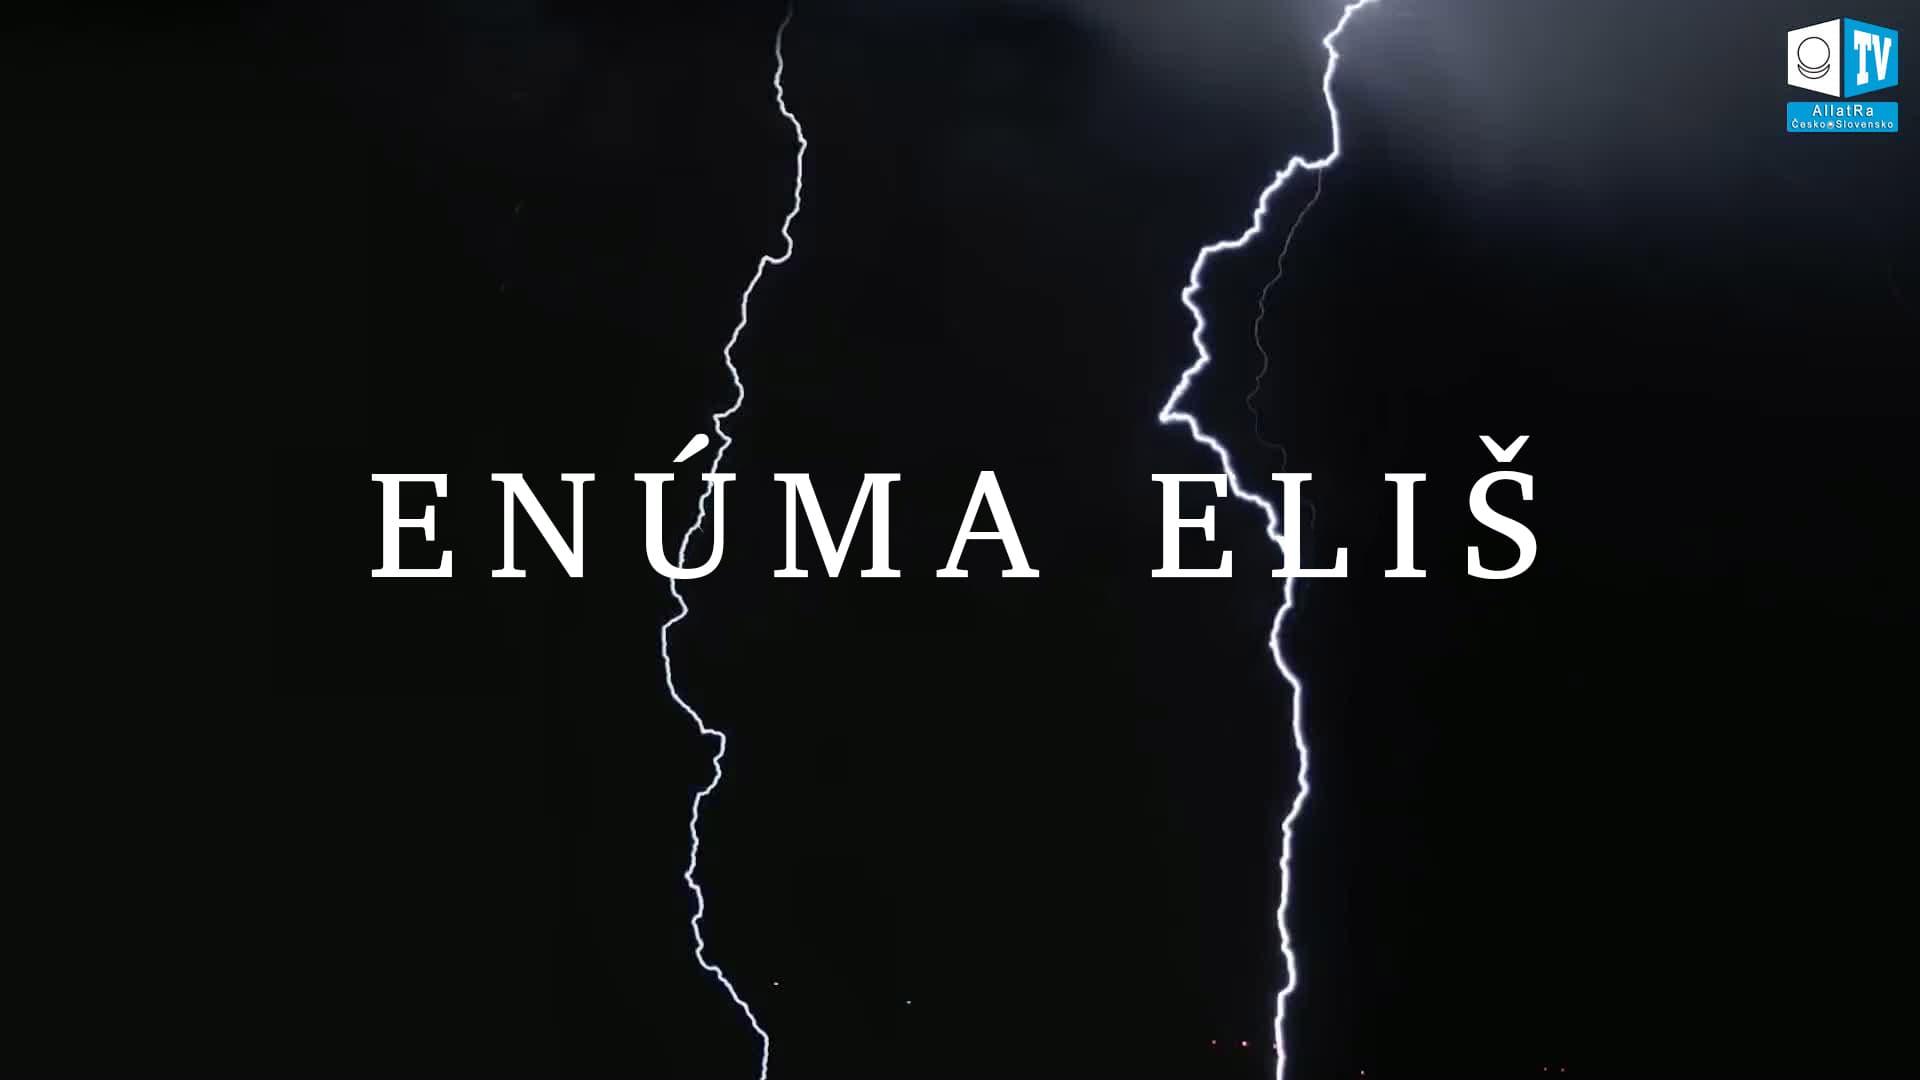 Enúma Eliš. Foto